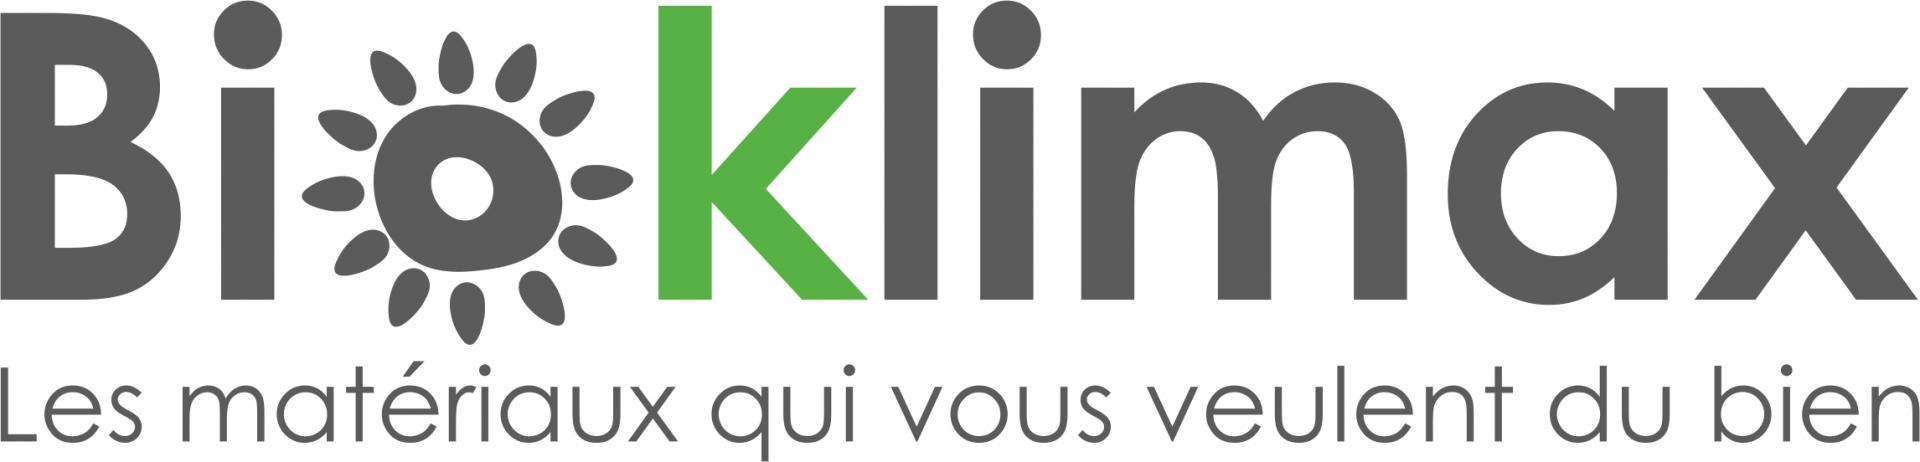 Bioklimax materiaux ecologiques nouveau logo